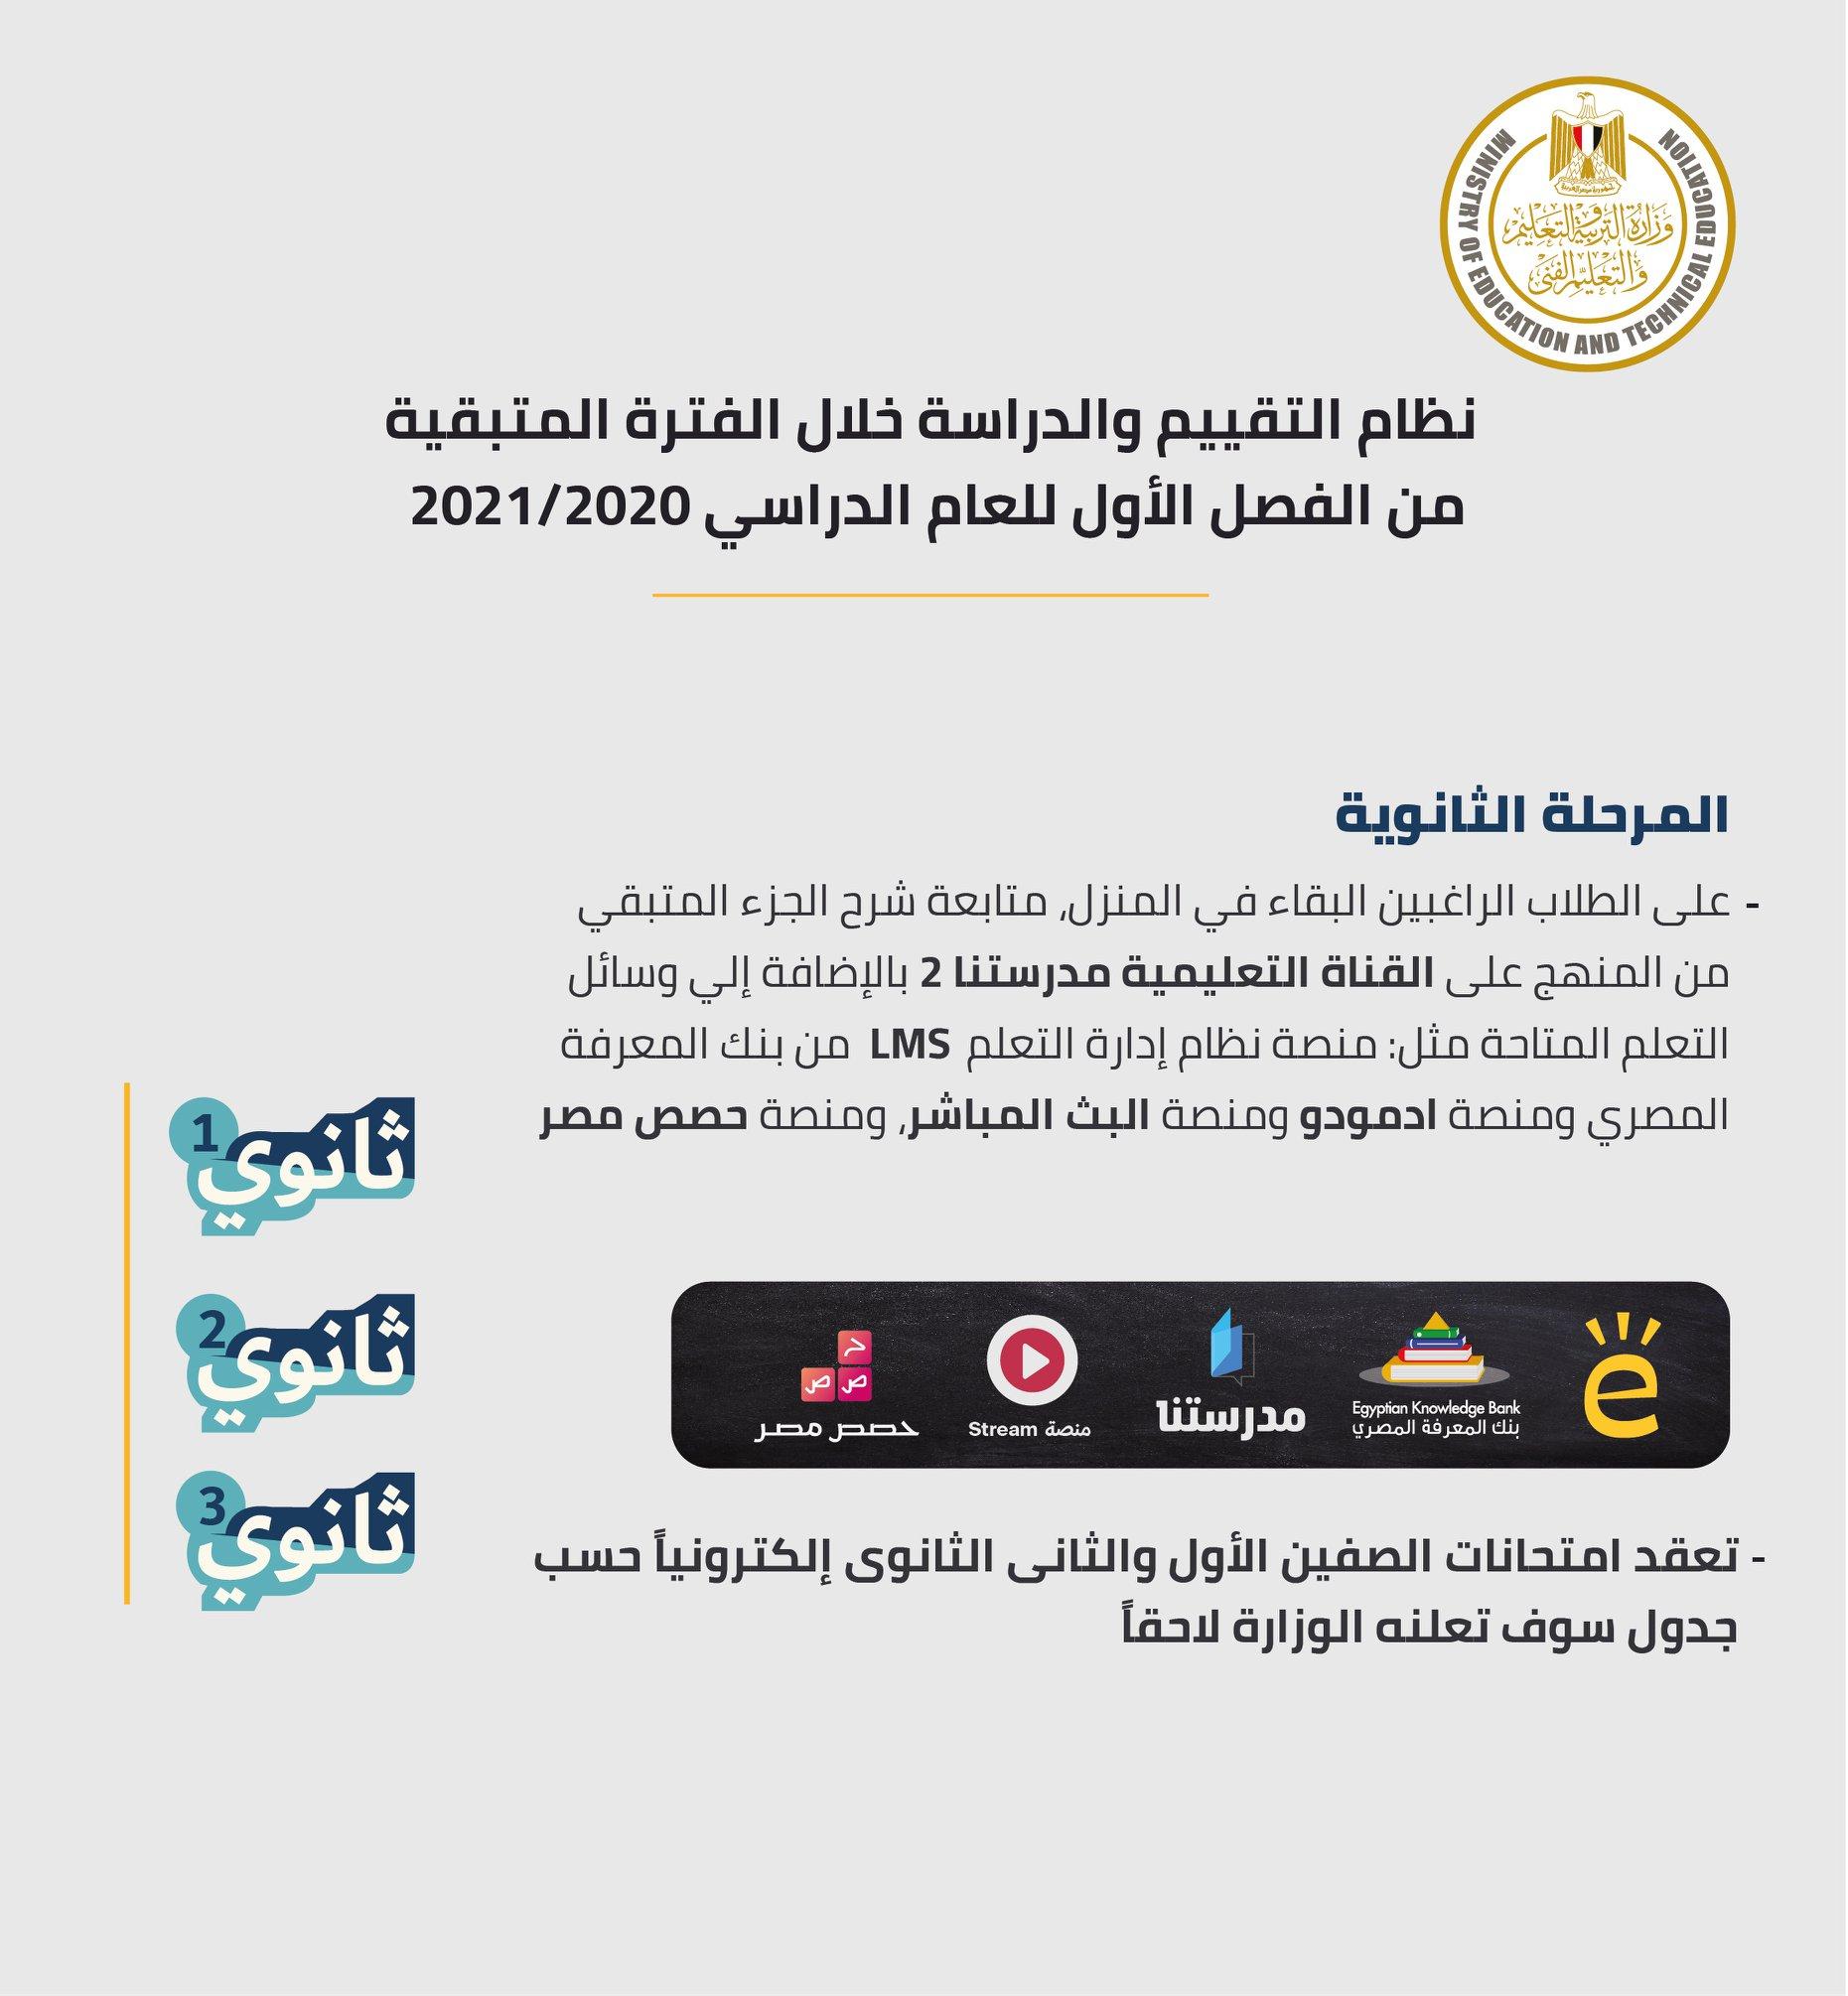 وزير التربية والتعليم يصدر 10 قرارات جديدة لاستكمال الدراسة وموعد جديد لبدء امتحانات سنوات النقل 2